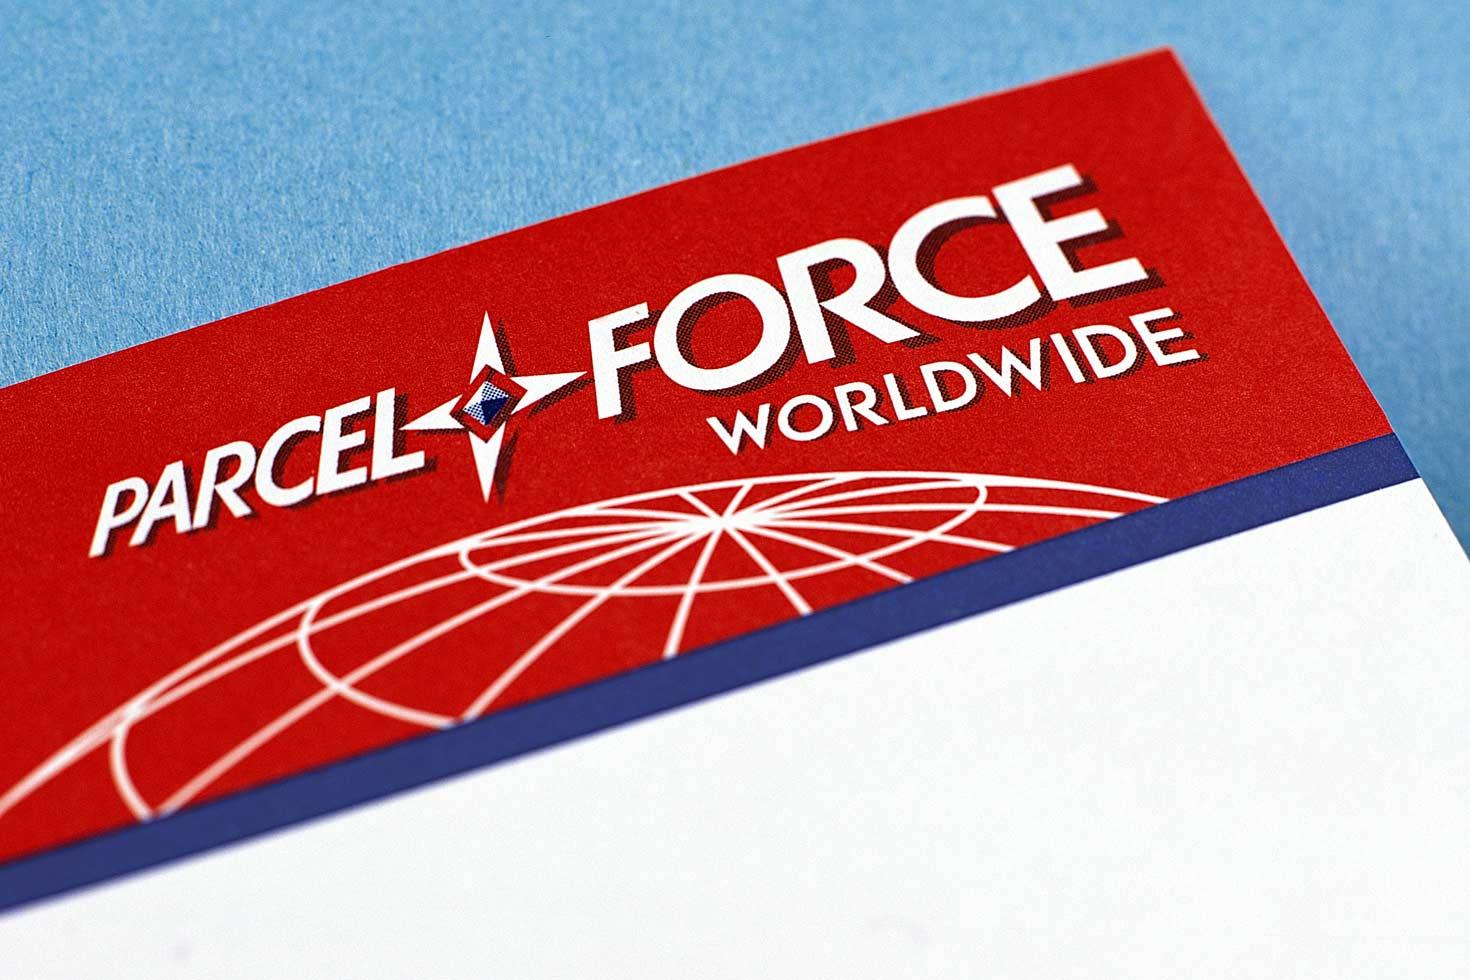 Parcelforce letterhead